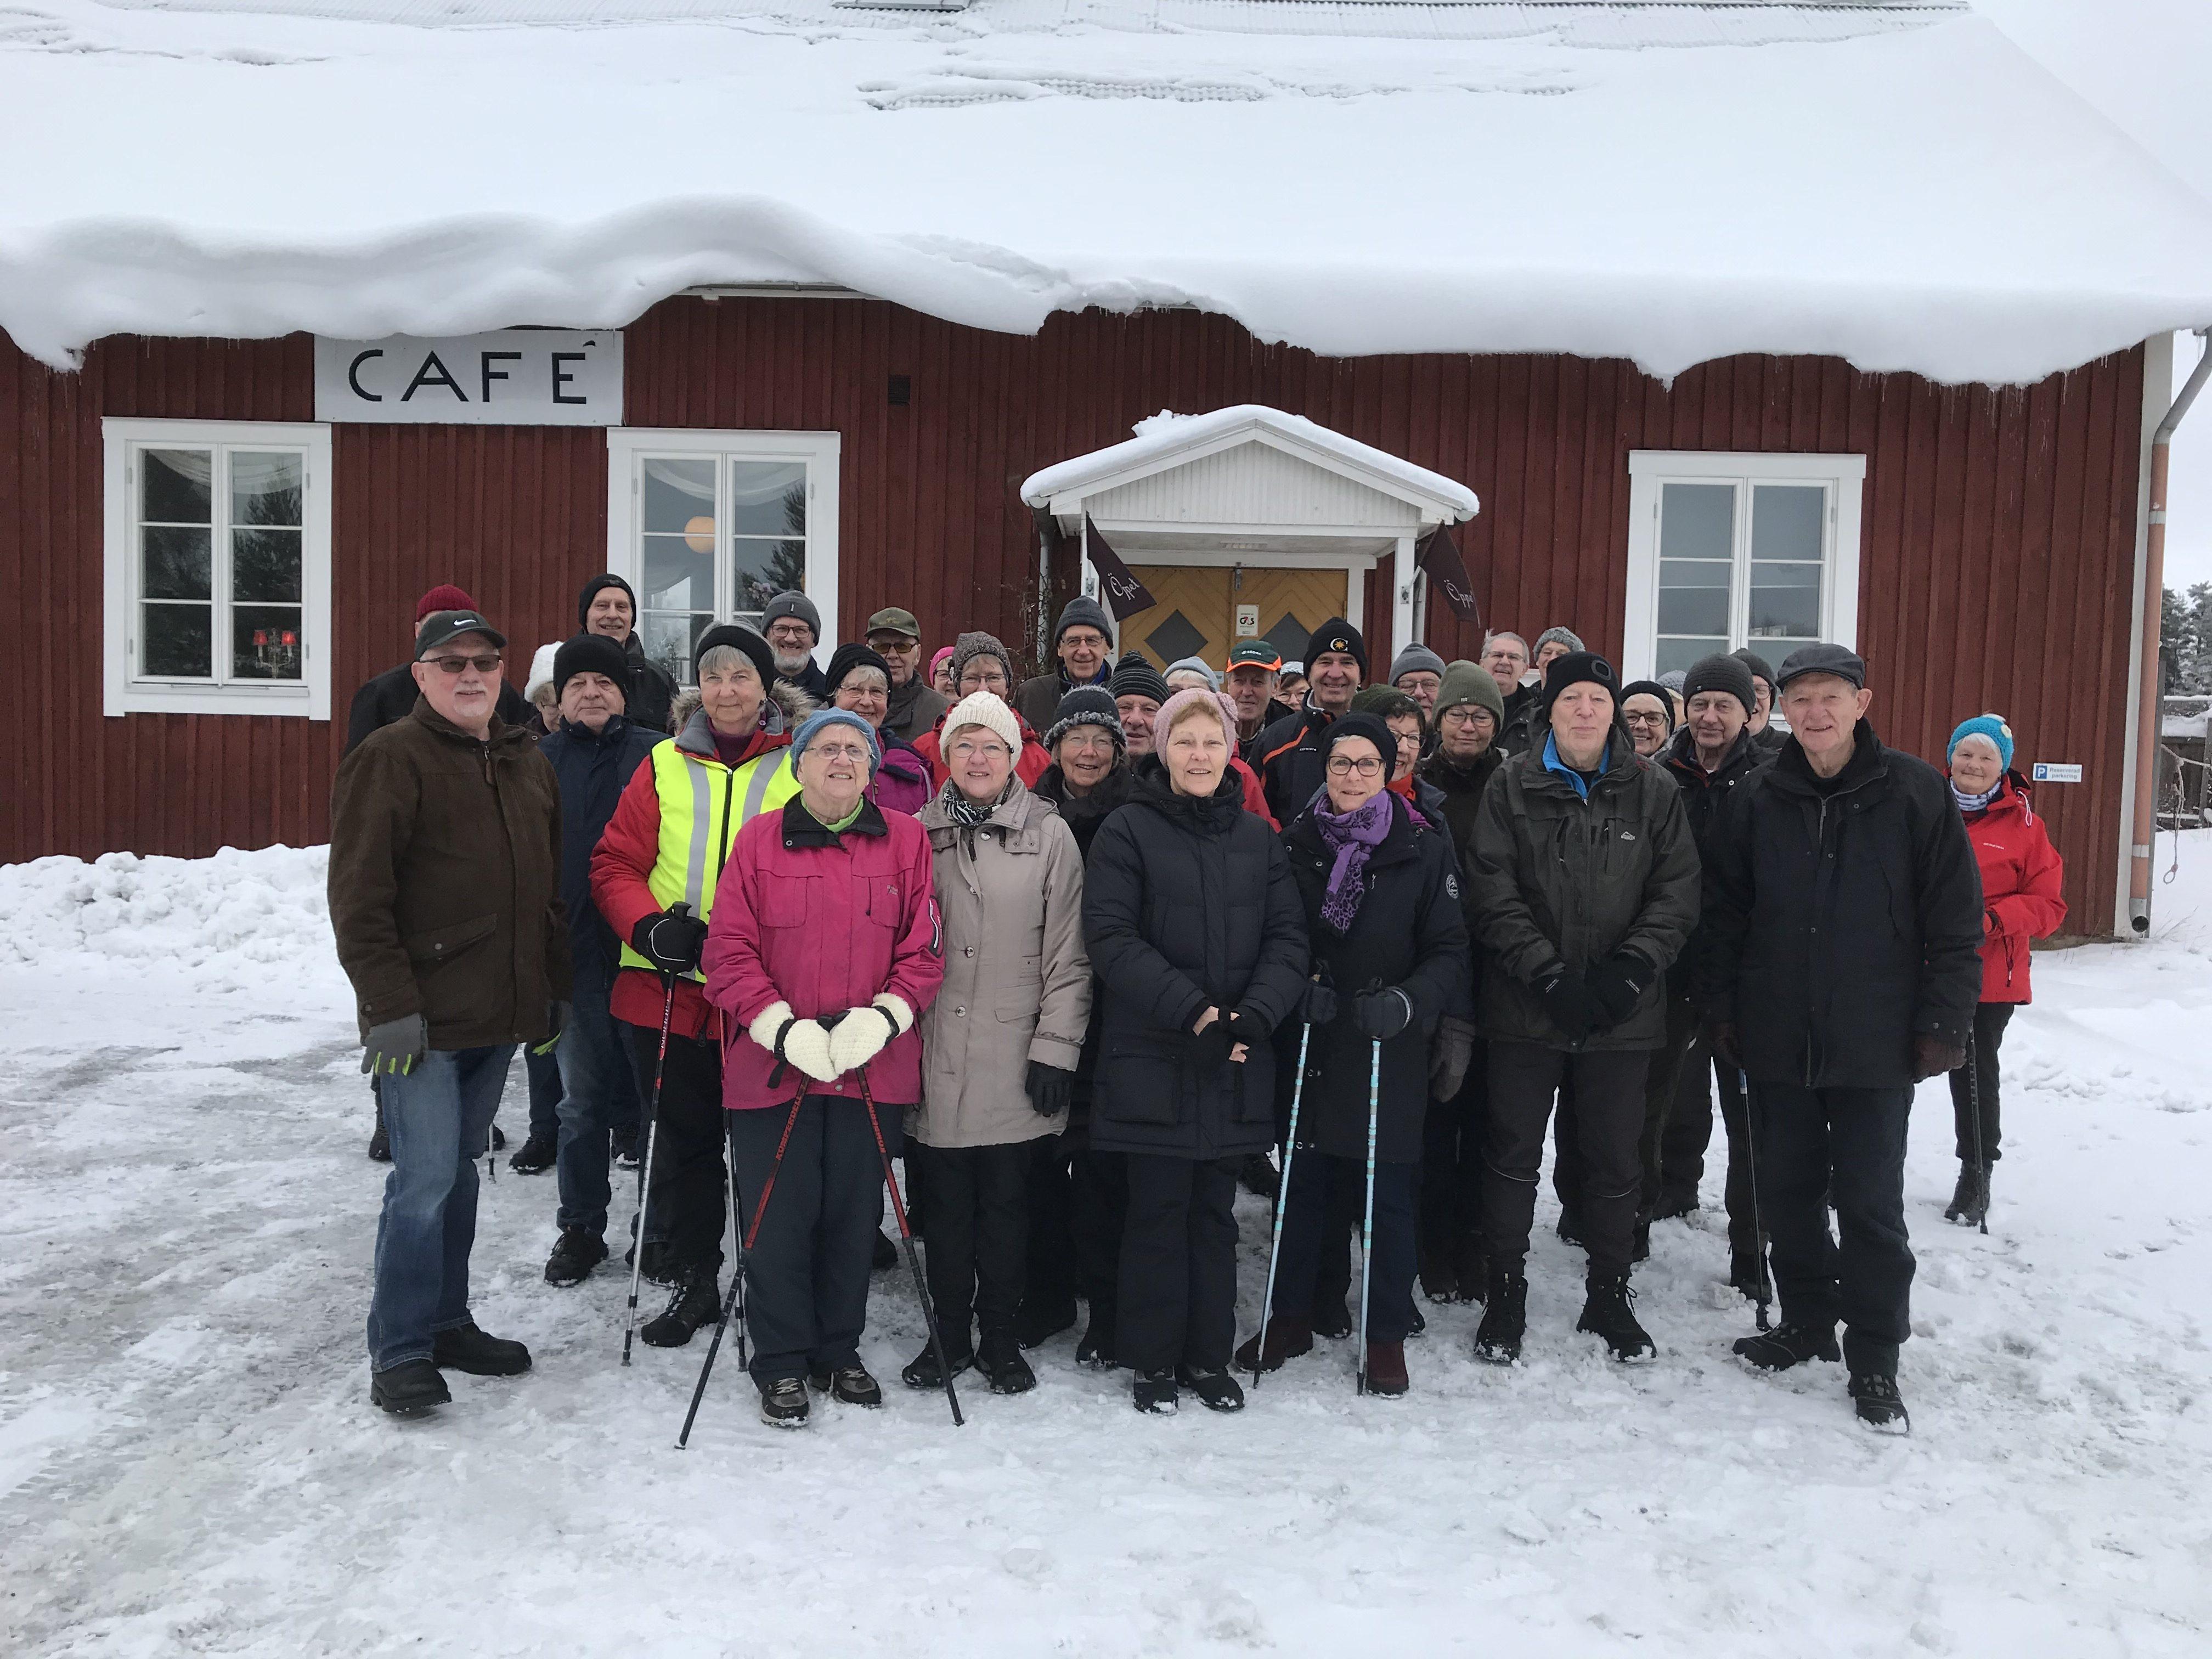 Som vanligt var det många som lockades av att gå med och fika på Rommelsjö café. Nytt rekord, 35 st plus 3 st bilburna.